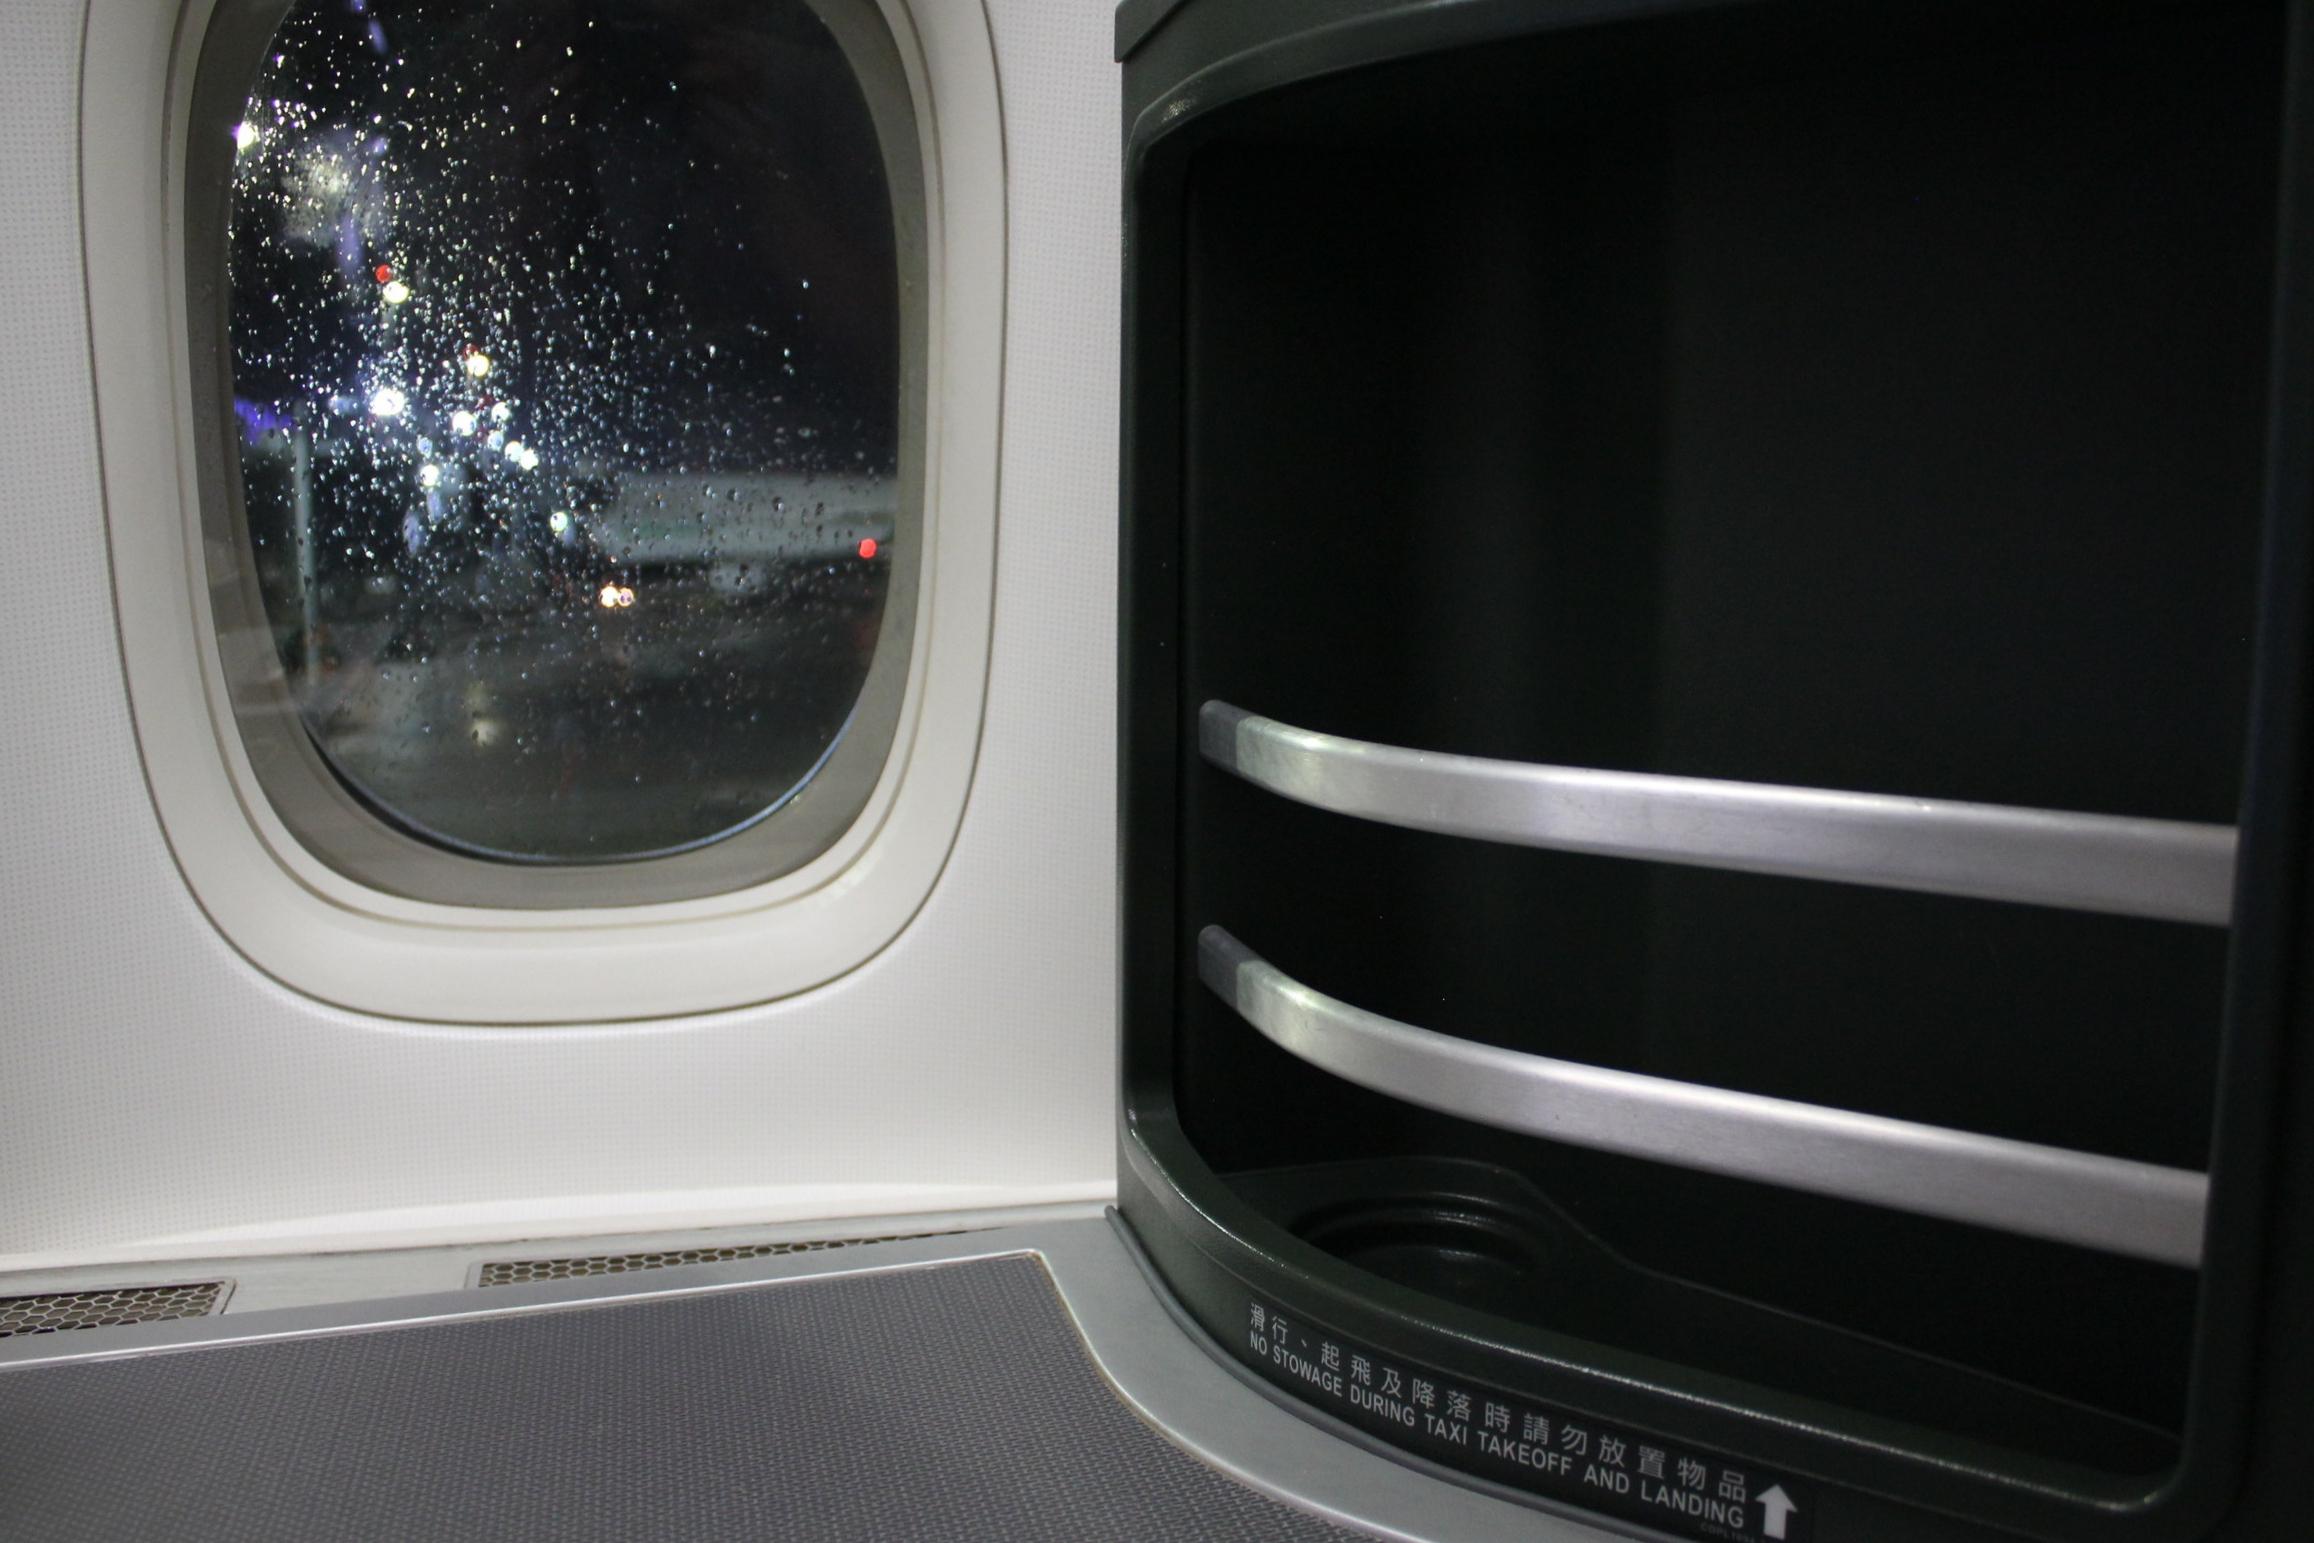 EVA Air business class – Storage rack